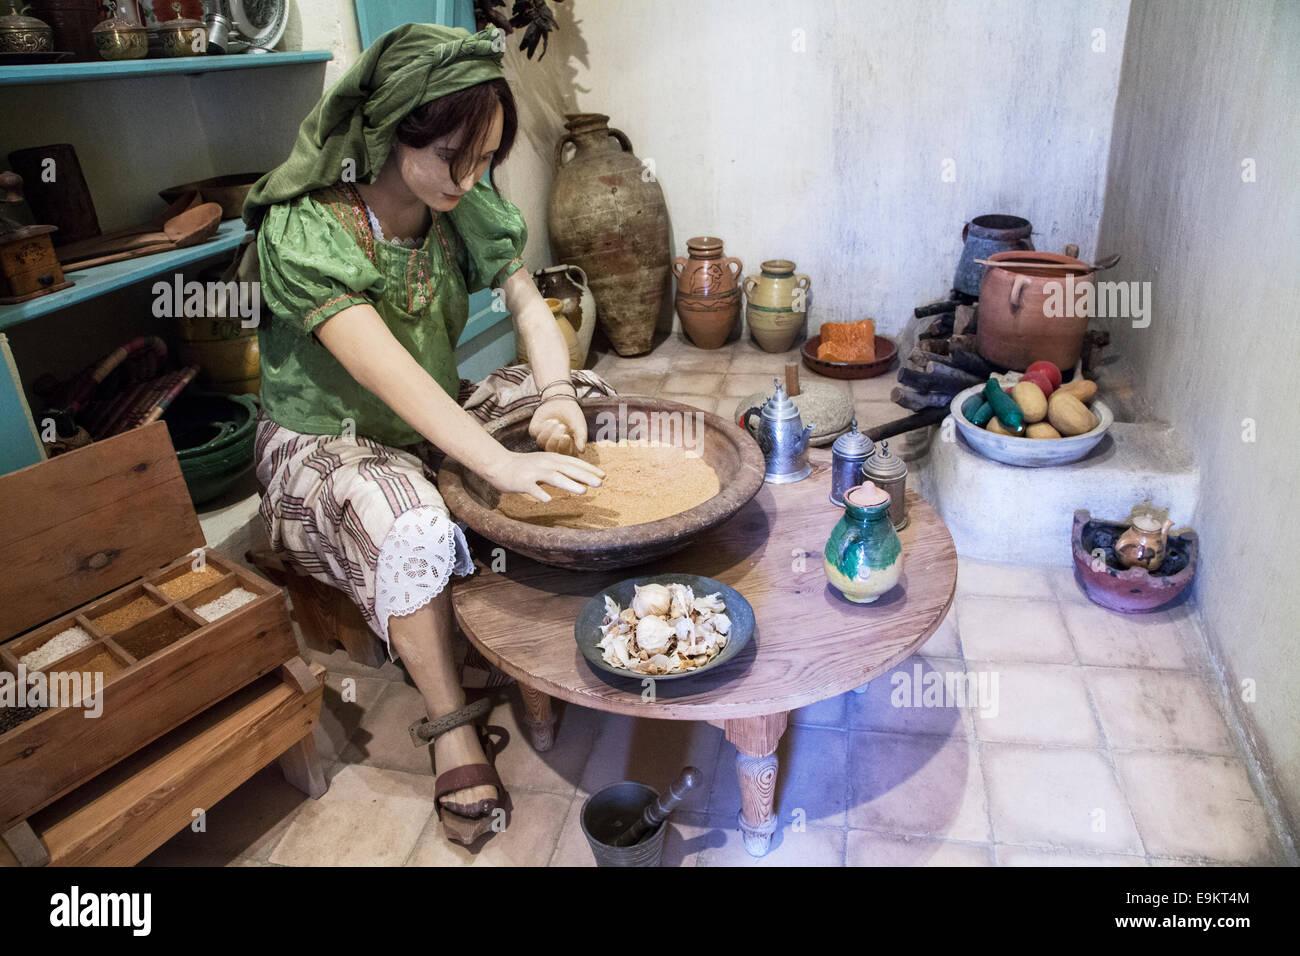 Tableau che illustra la vita quotidiana sotto gli ottomani presso il Museo delle Arti e Tradizioni Popolari in Khalaout Immagini Stock